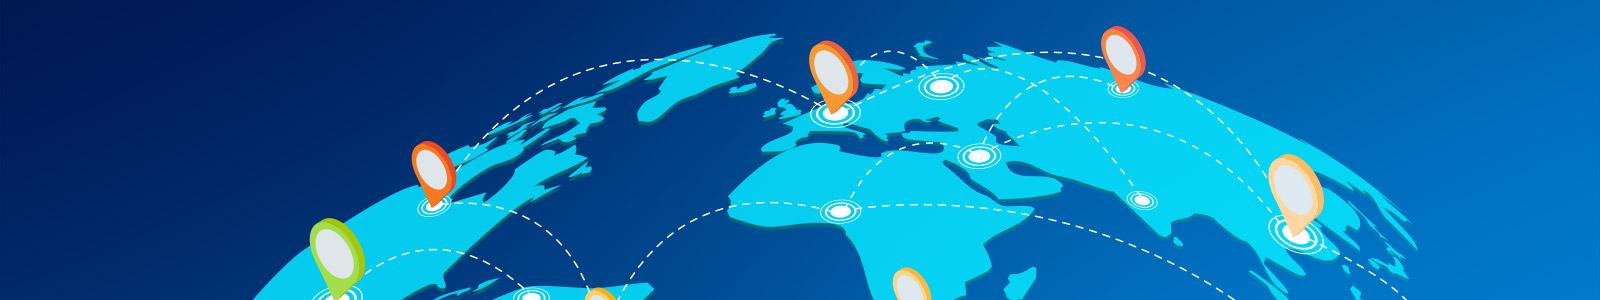 Webinar: Wie erreichen Sie eine vollintegrierte Supply Chain Excellence?